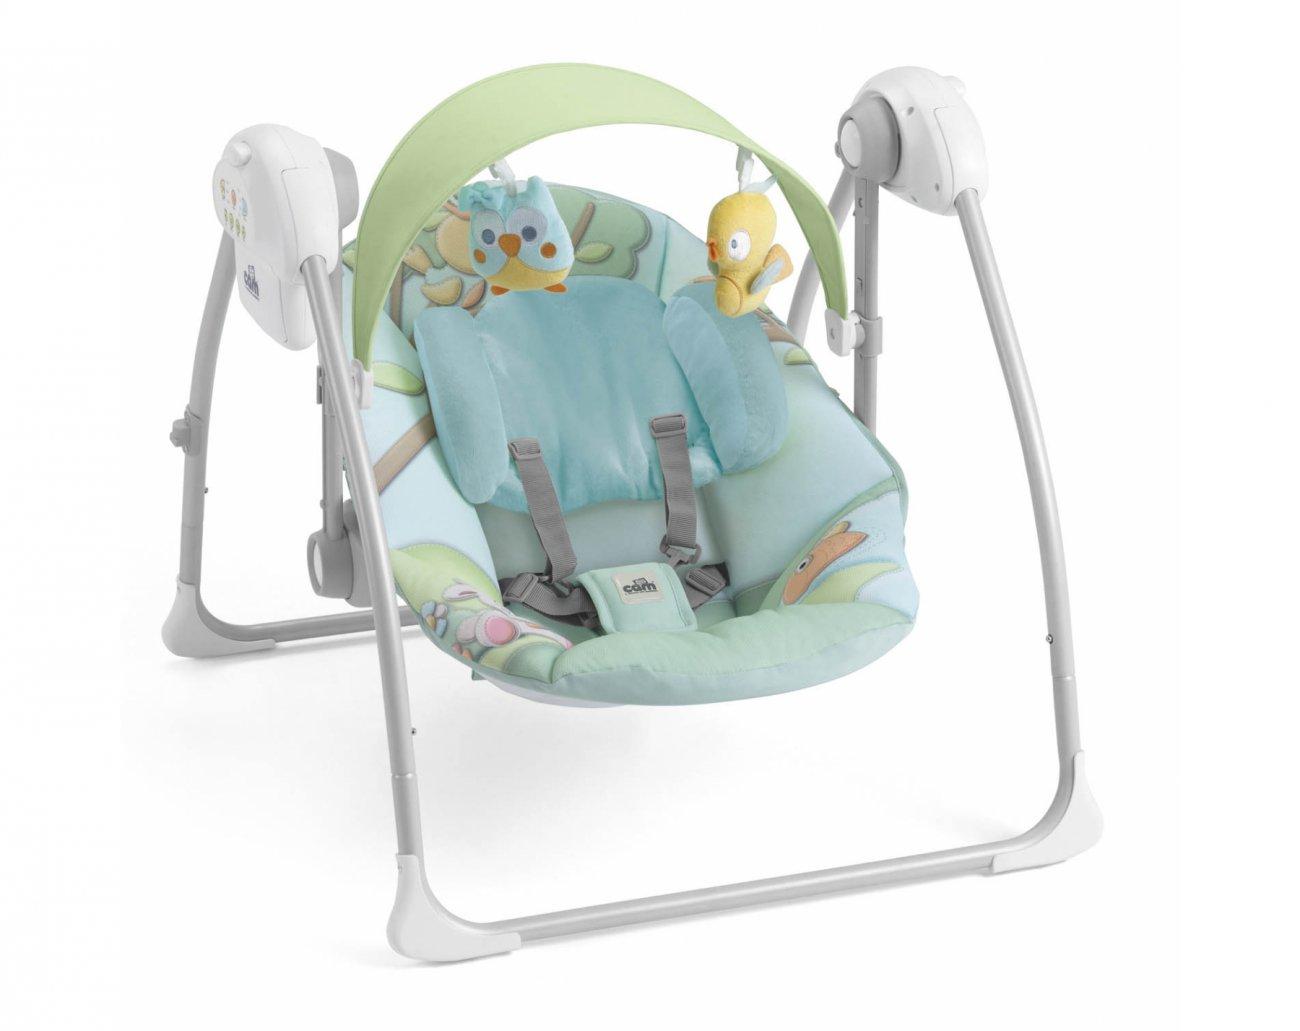 схема сборки кресла качалки bella